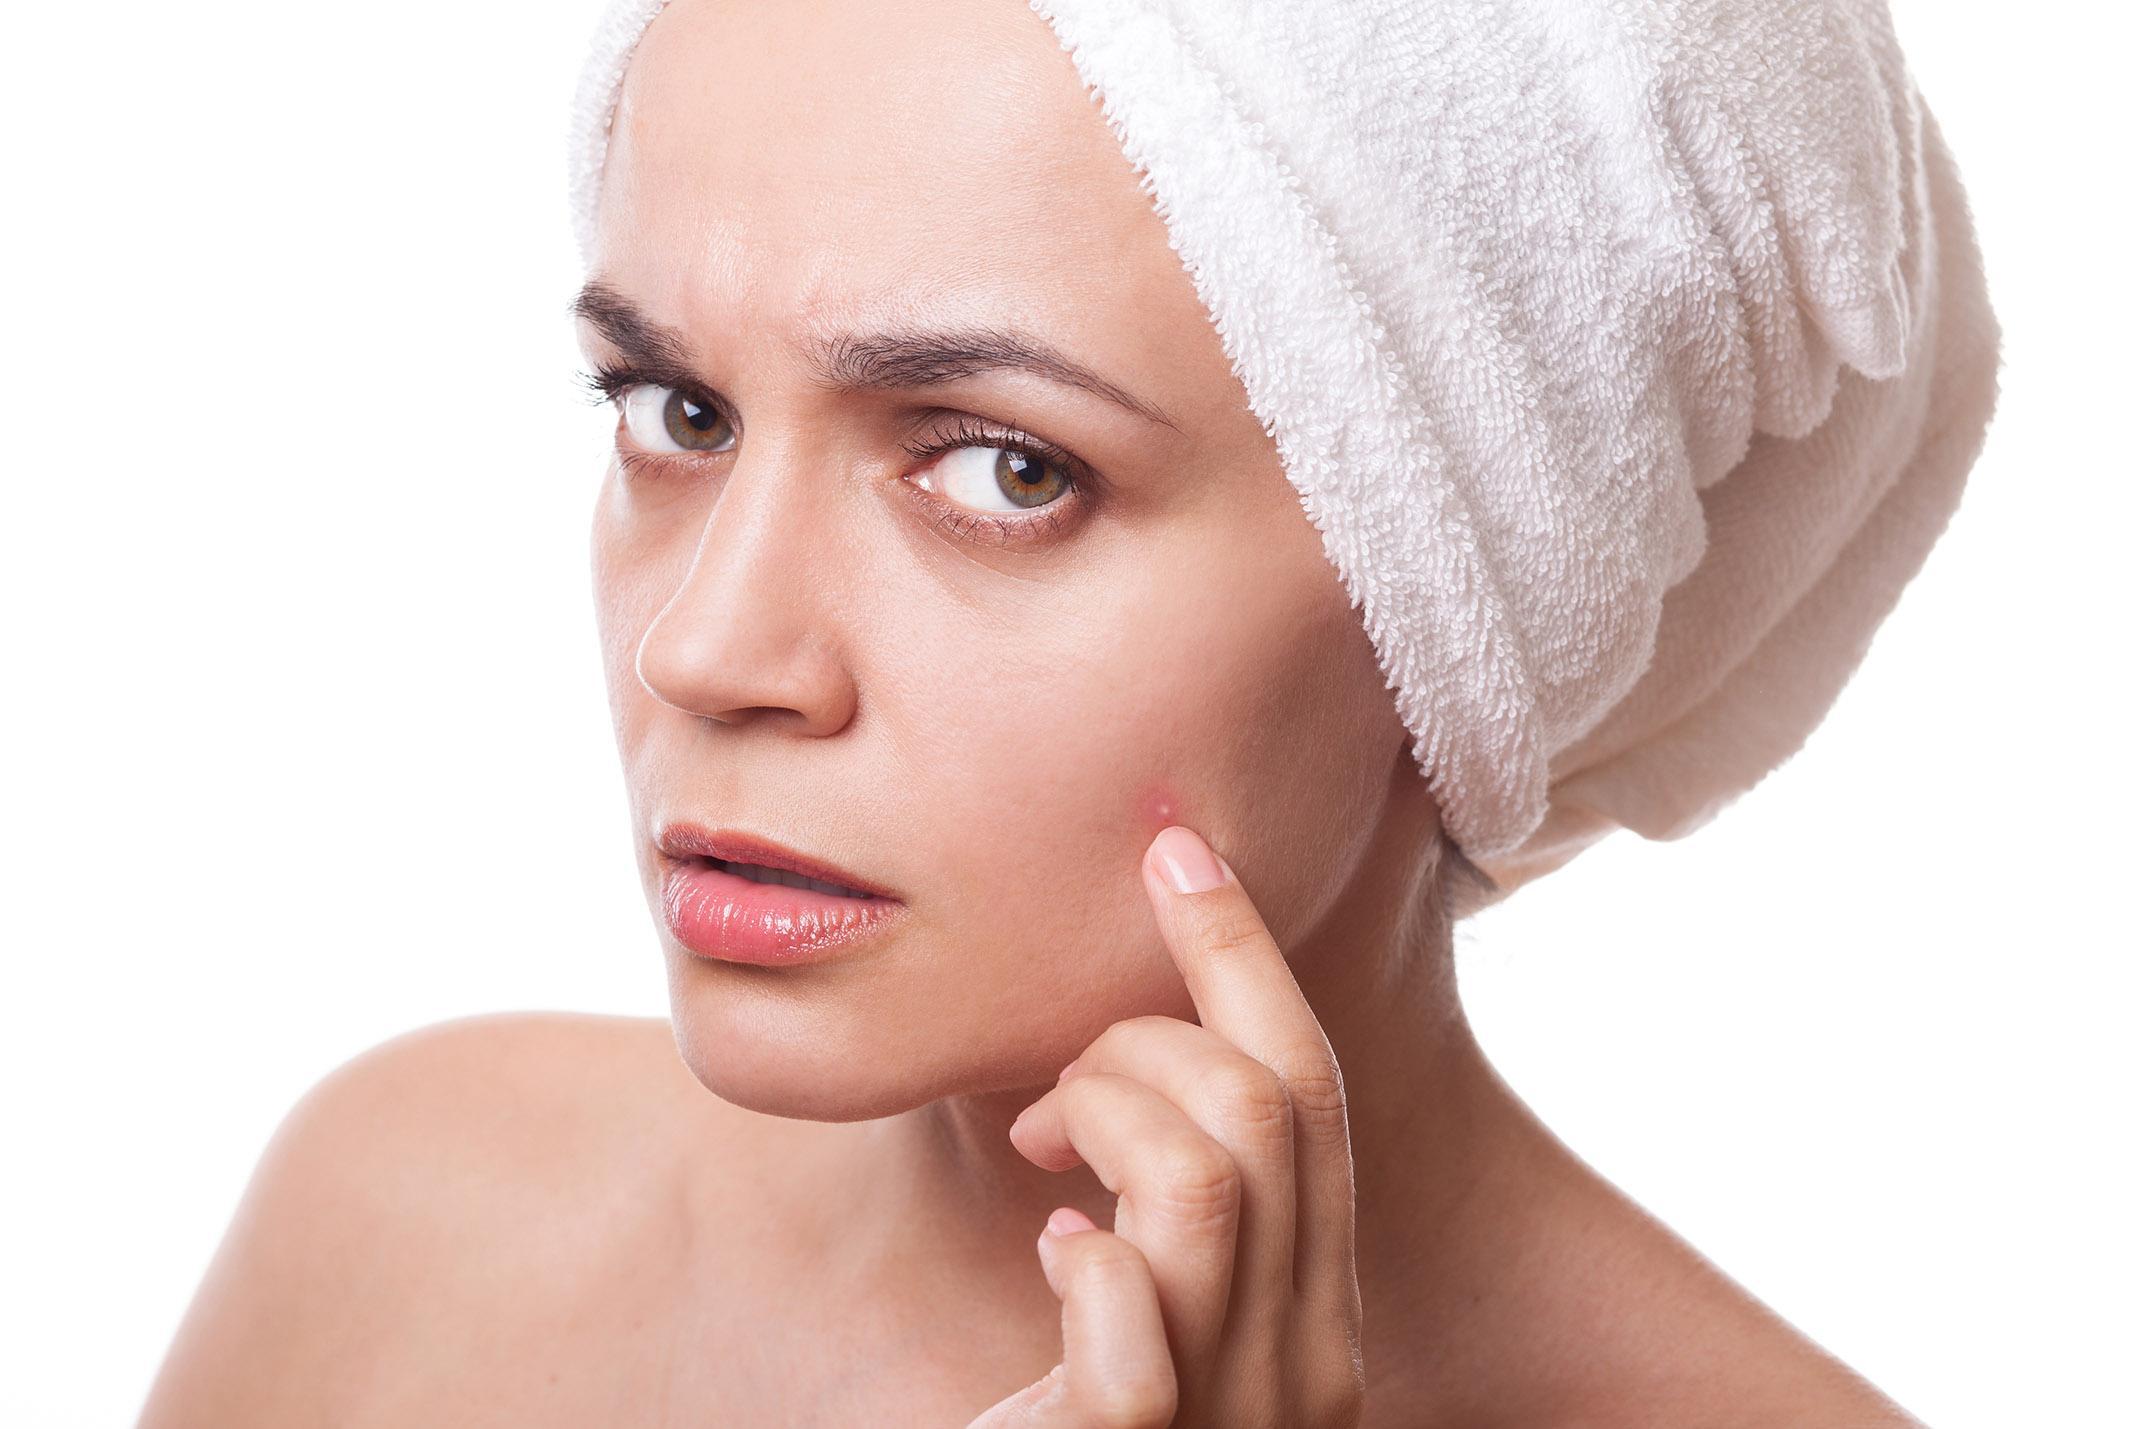 N-Acetil-L-Hidroxiprolina Tópica Estimula a Síntese de Ceramidas na Pele com Dermatite Atópica